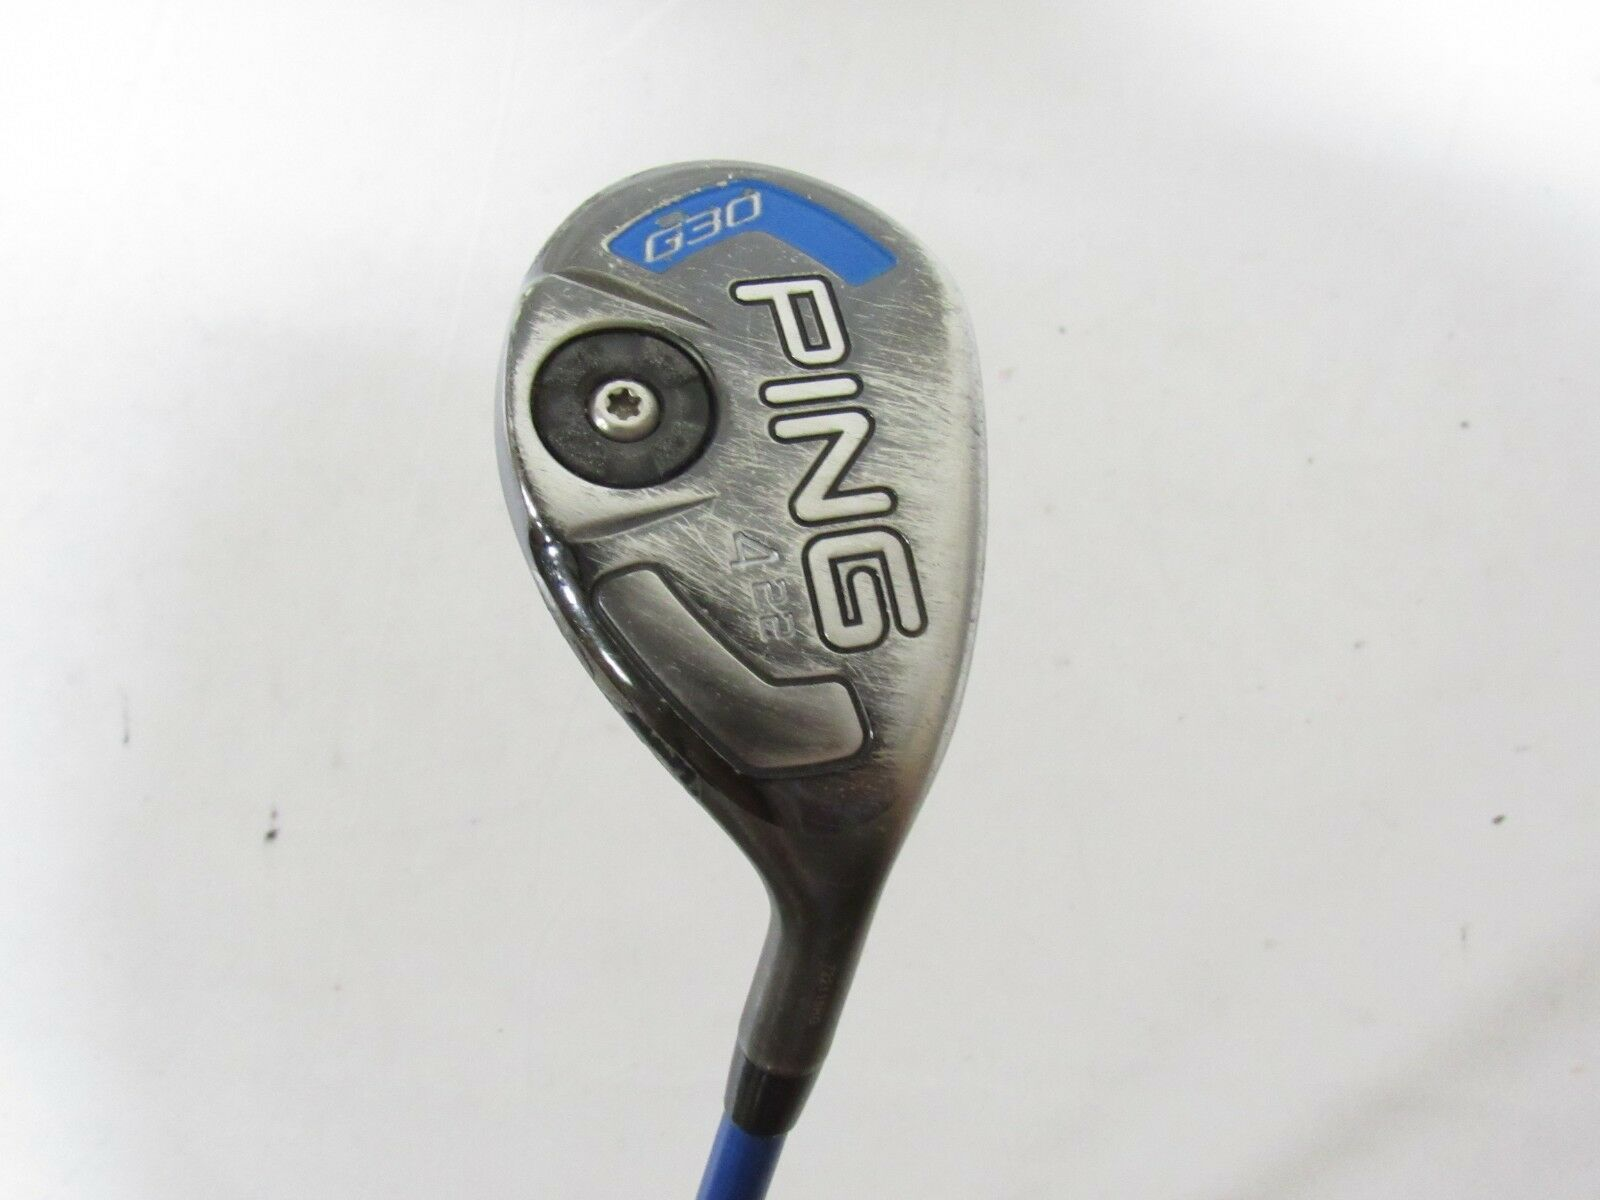 Utiliza la mano derecha Ping G30 22  ° 4-híbrido Ping TFC 419 mango de grafito RÍGIDO S-Flex  marcas de diseñadores baratos